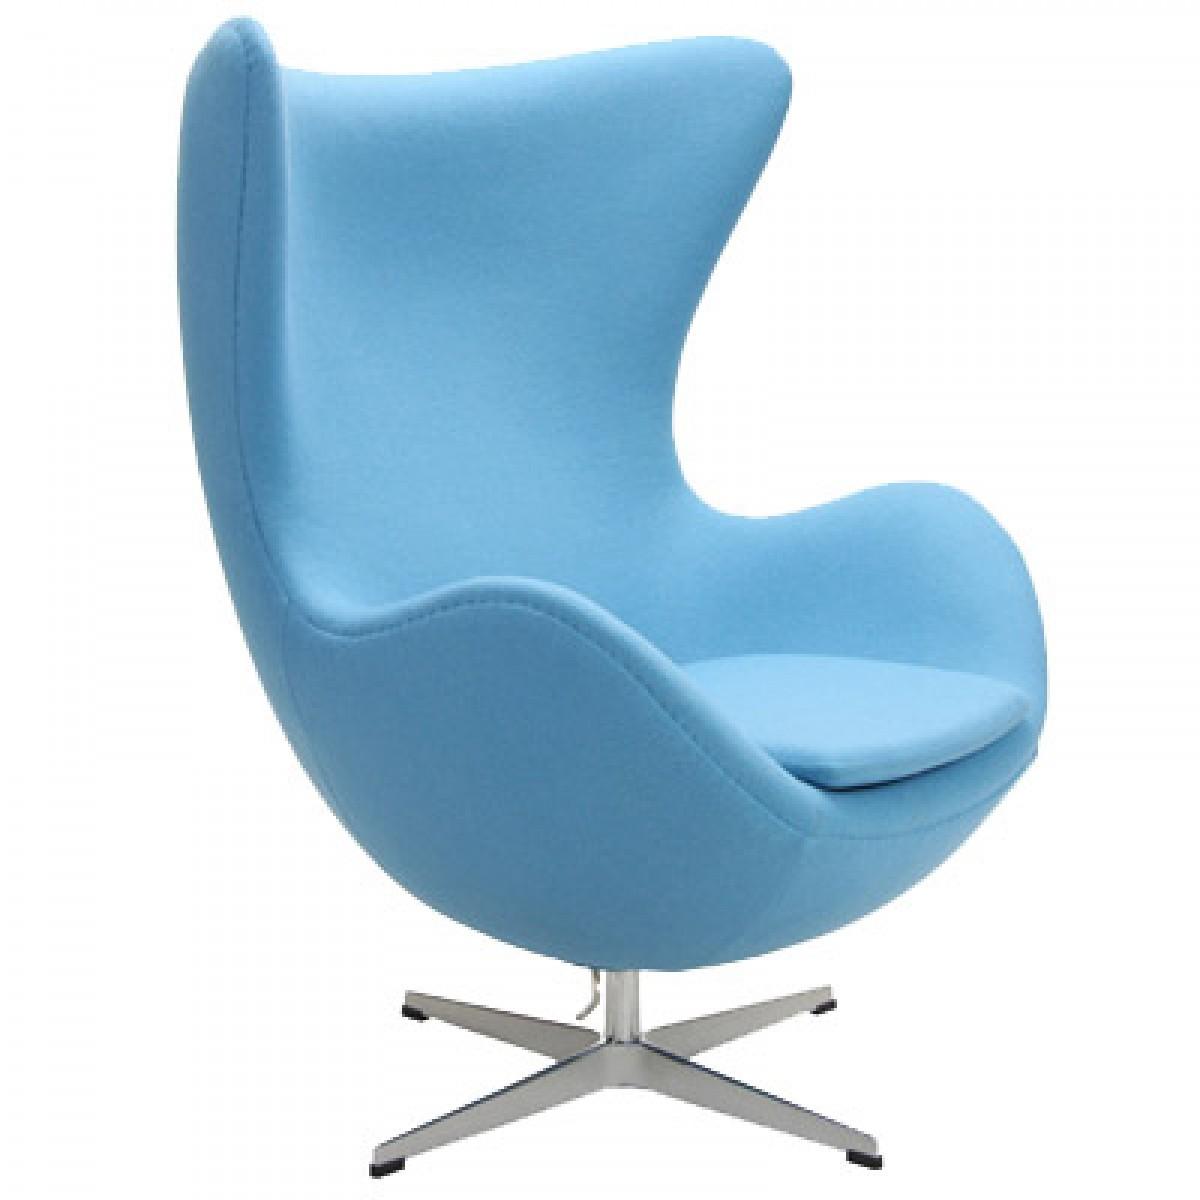 เก้าอี้ Egg chair- Cashmere or wool